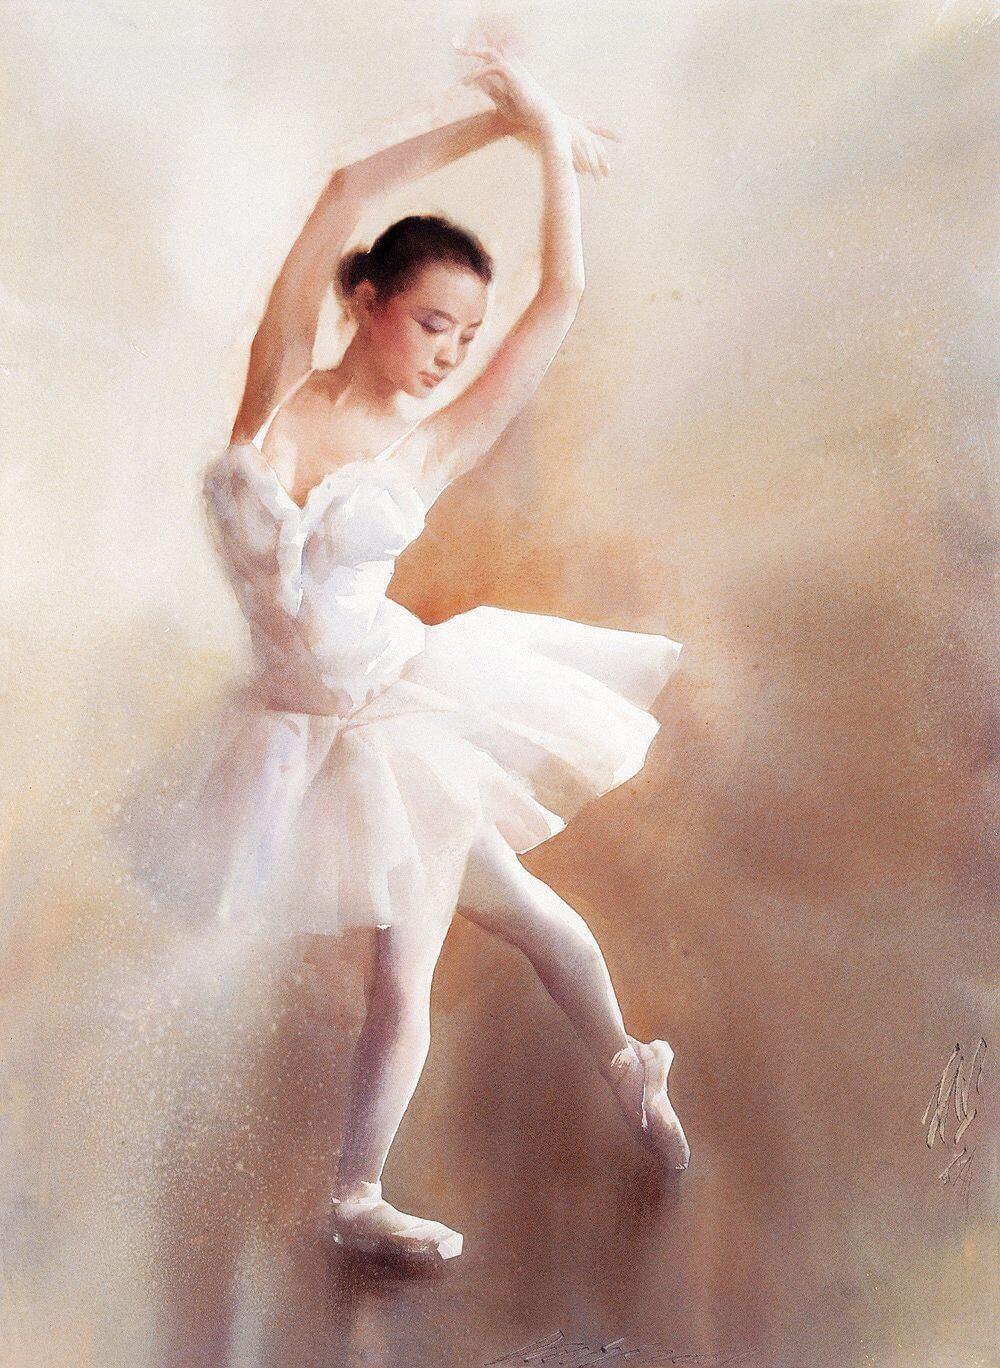 нежные картинки балерин этого необходимо изучить